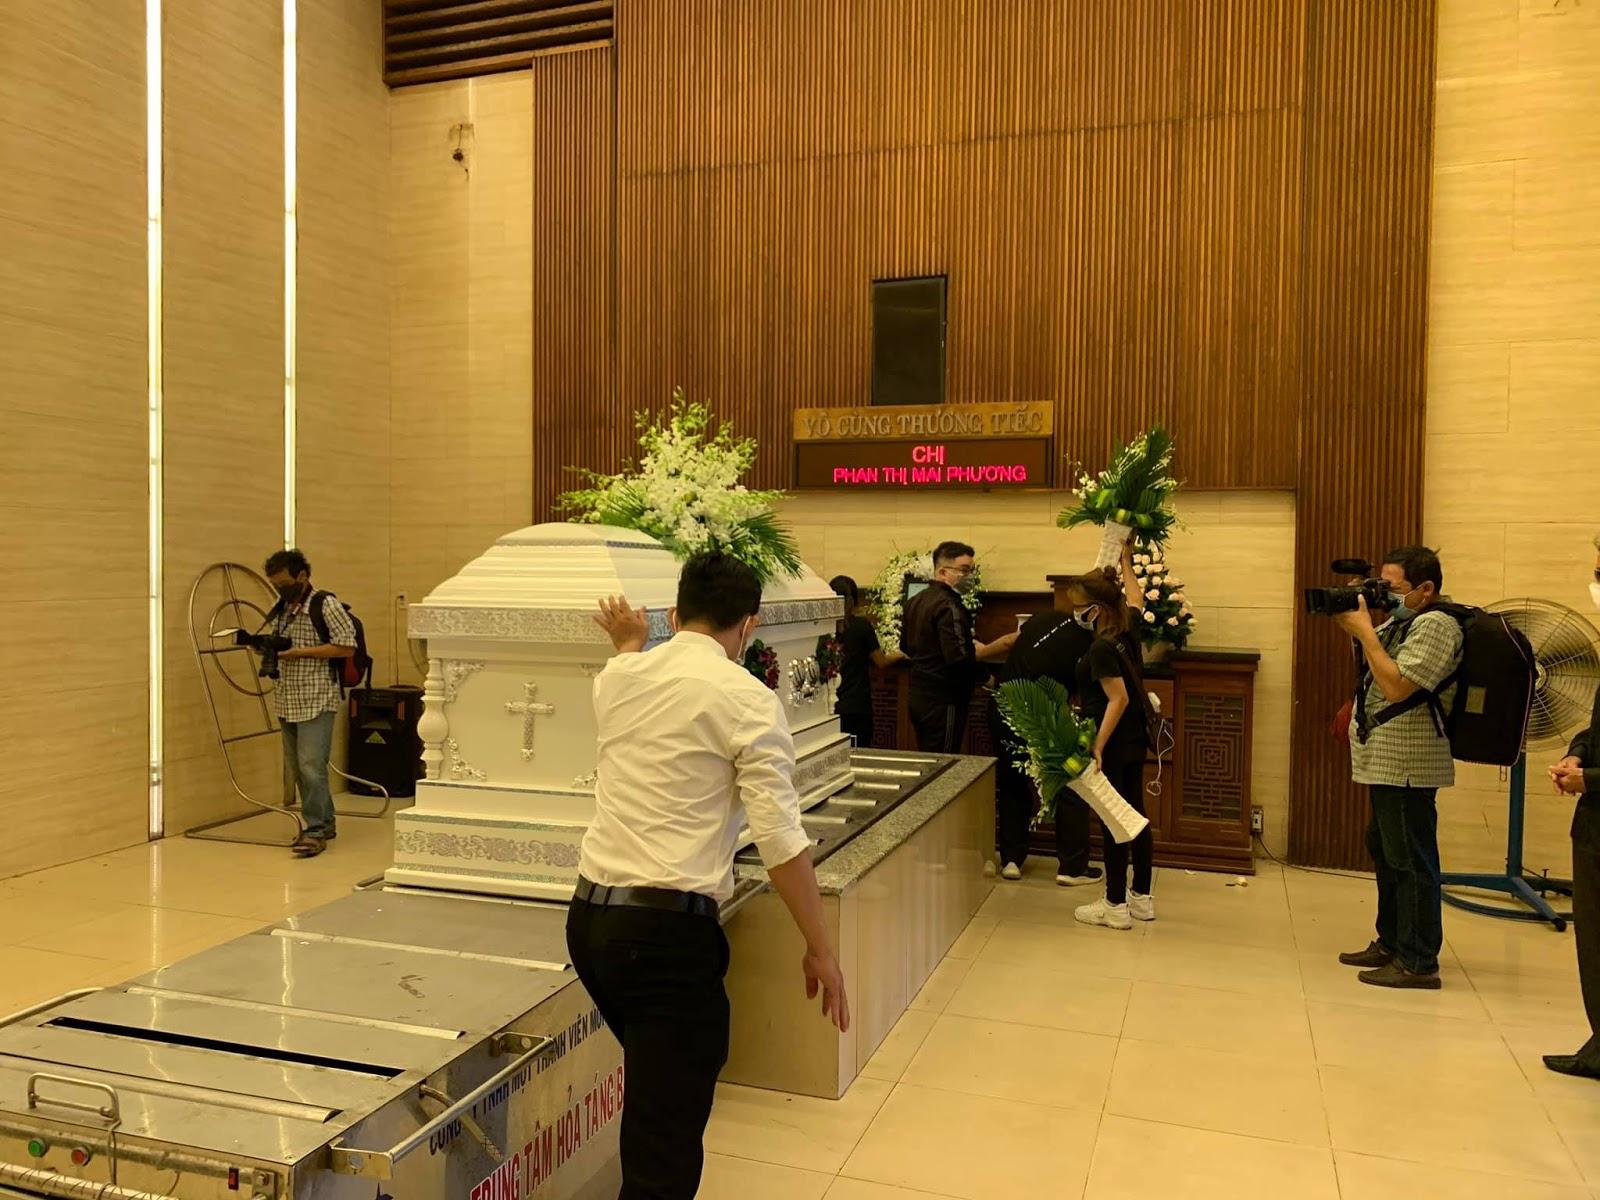 Diễn viên Gia Bảo tiết lộ chuyện 'lạ' trong lễ đưa tang cố diễn viên Mai Phương - Hình 10